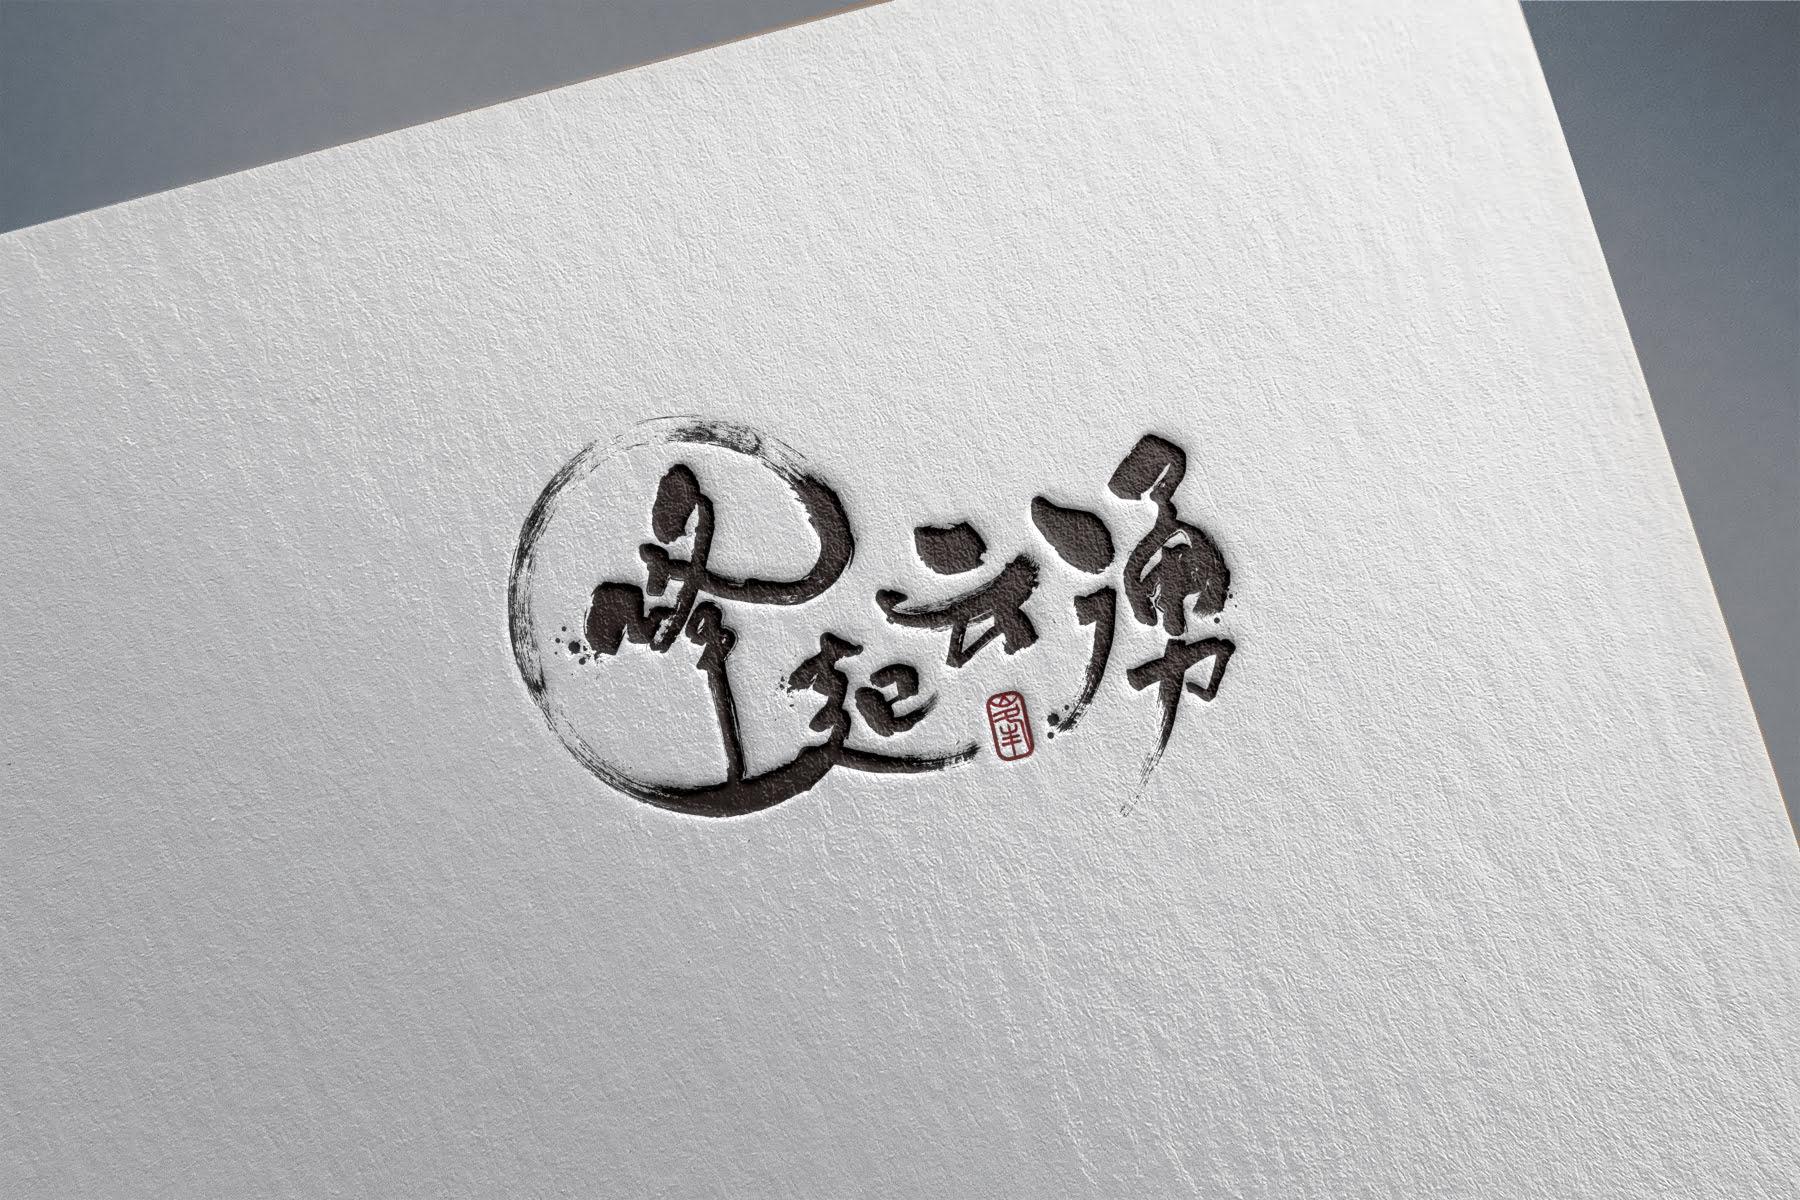 峰起云湧logo設計,恣意揮灑的書法字,展現大氣穩重的中式風格。